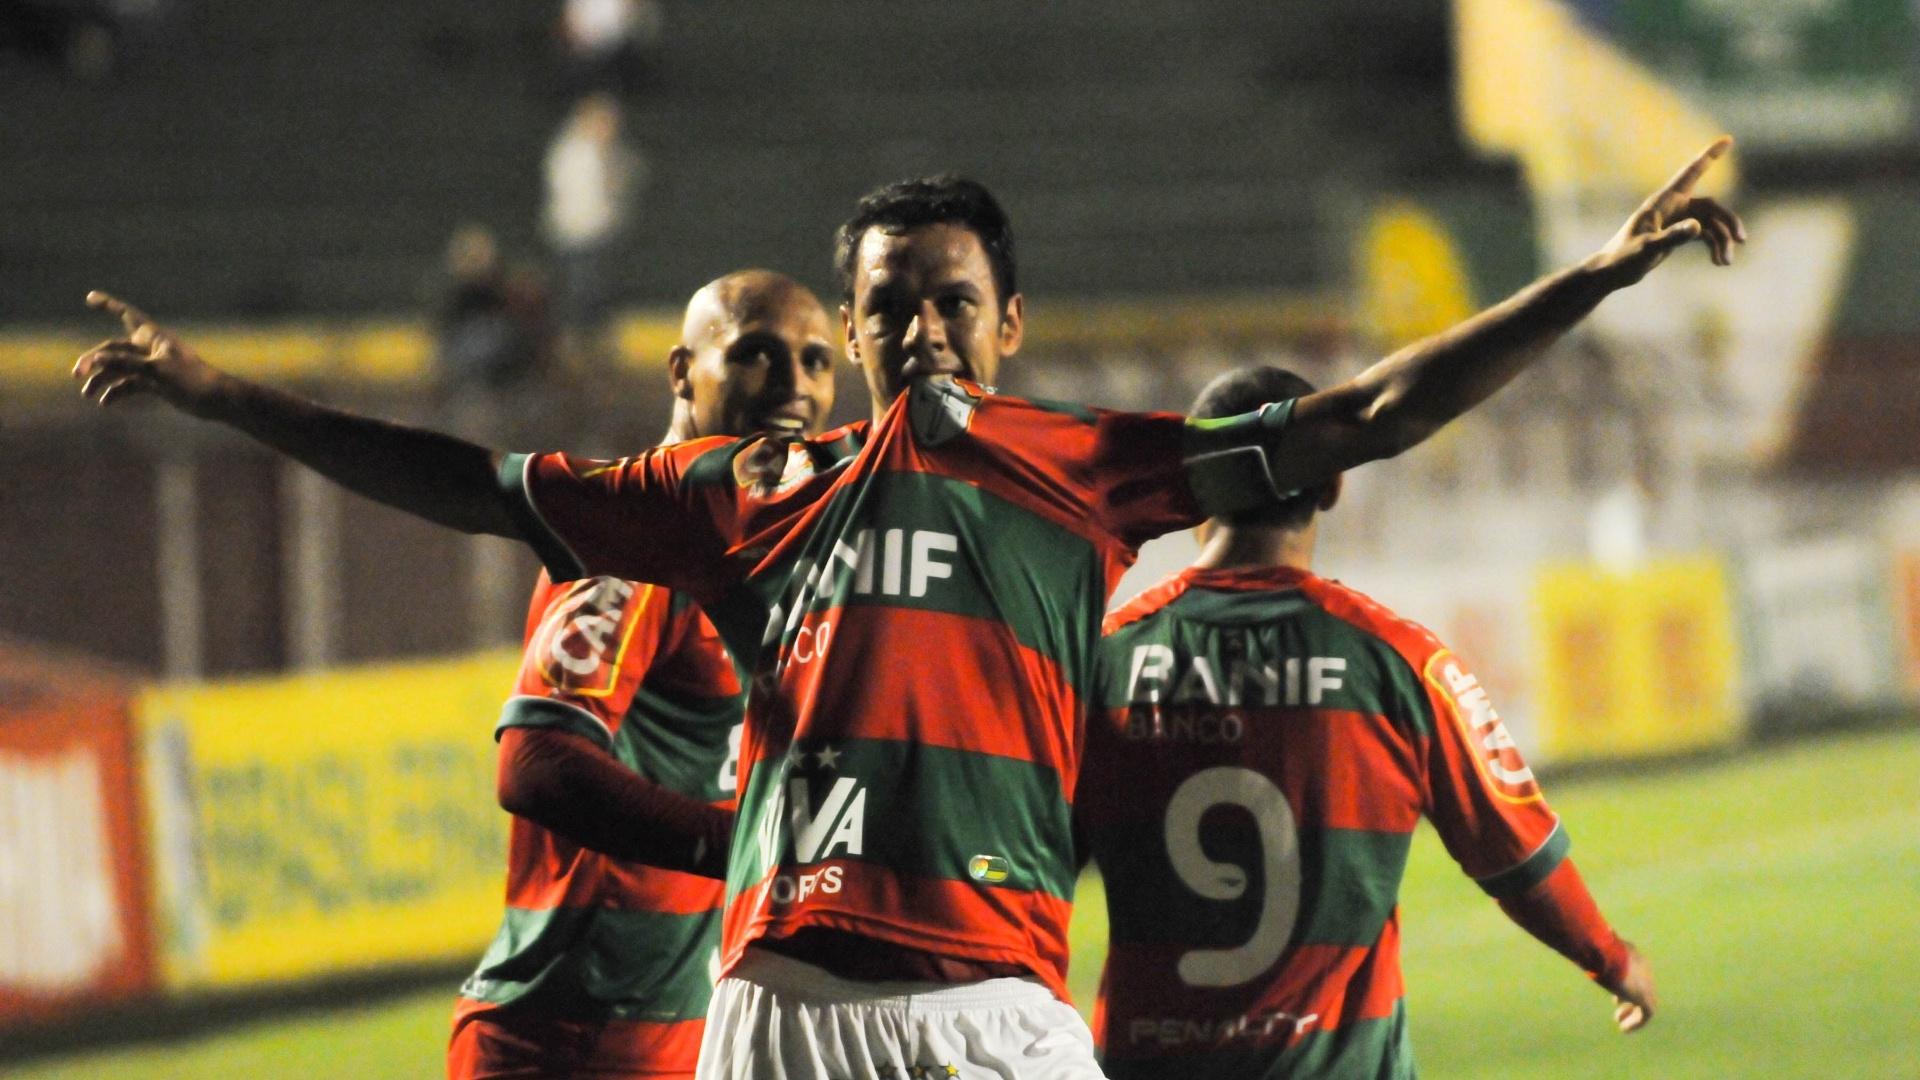 Marco Antônio comemora gol da Portuguesa na virada contra o Grêmio Barueri, no Canindé (13/09/2011)